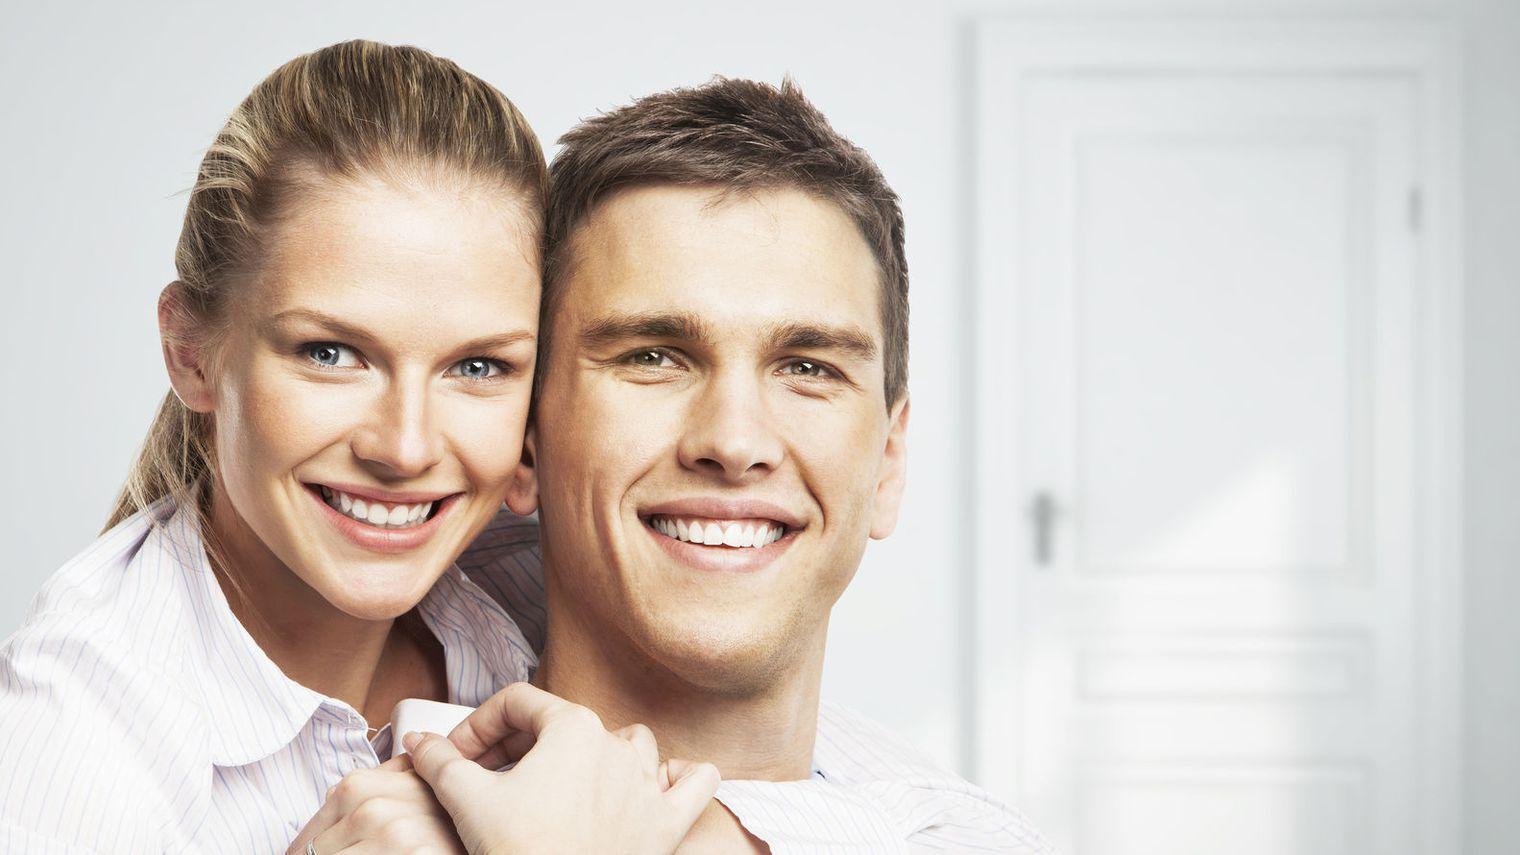 Compatibilité amoureuse : tous les services qui existent sur le marché